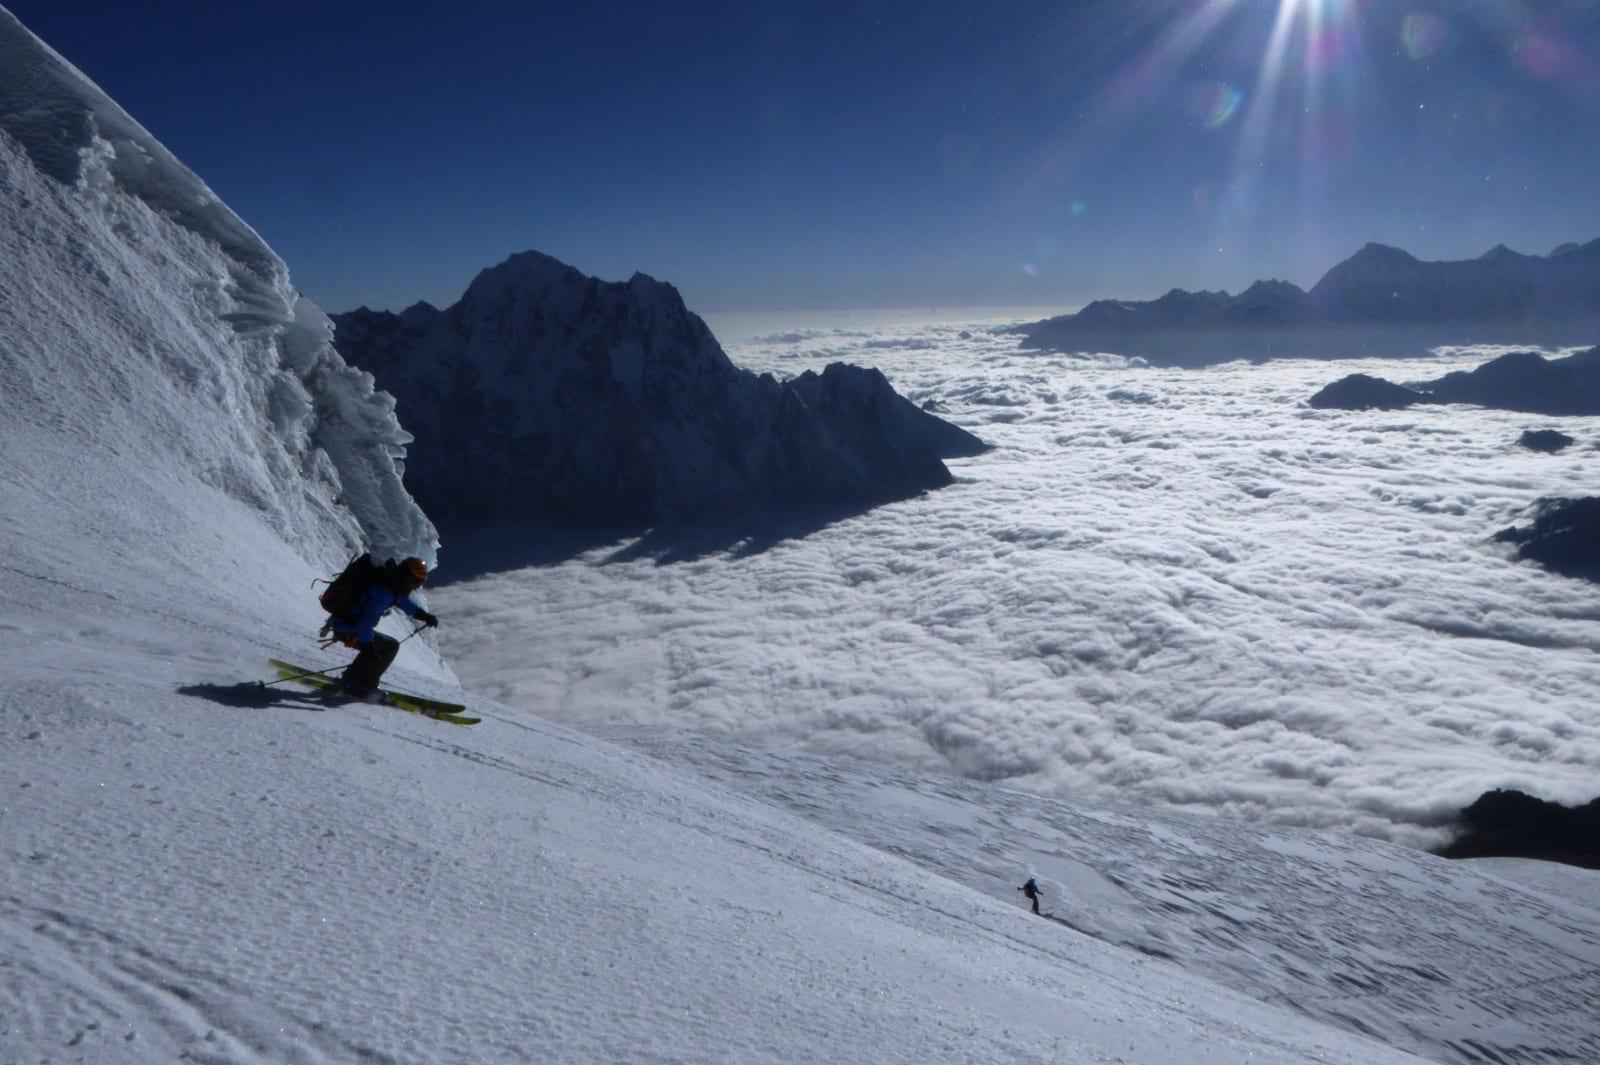 HØYT TIL FJELLS: Jørgen Aamot svinger på 6000 meters høyde på Larkya Peak. Bilde: Sigurd Felde